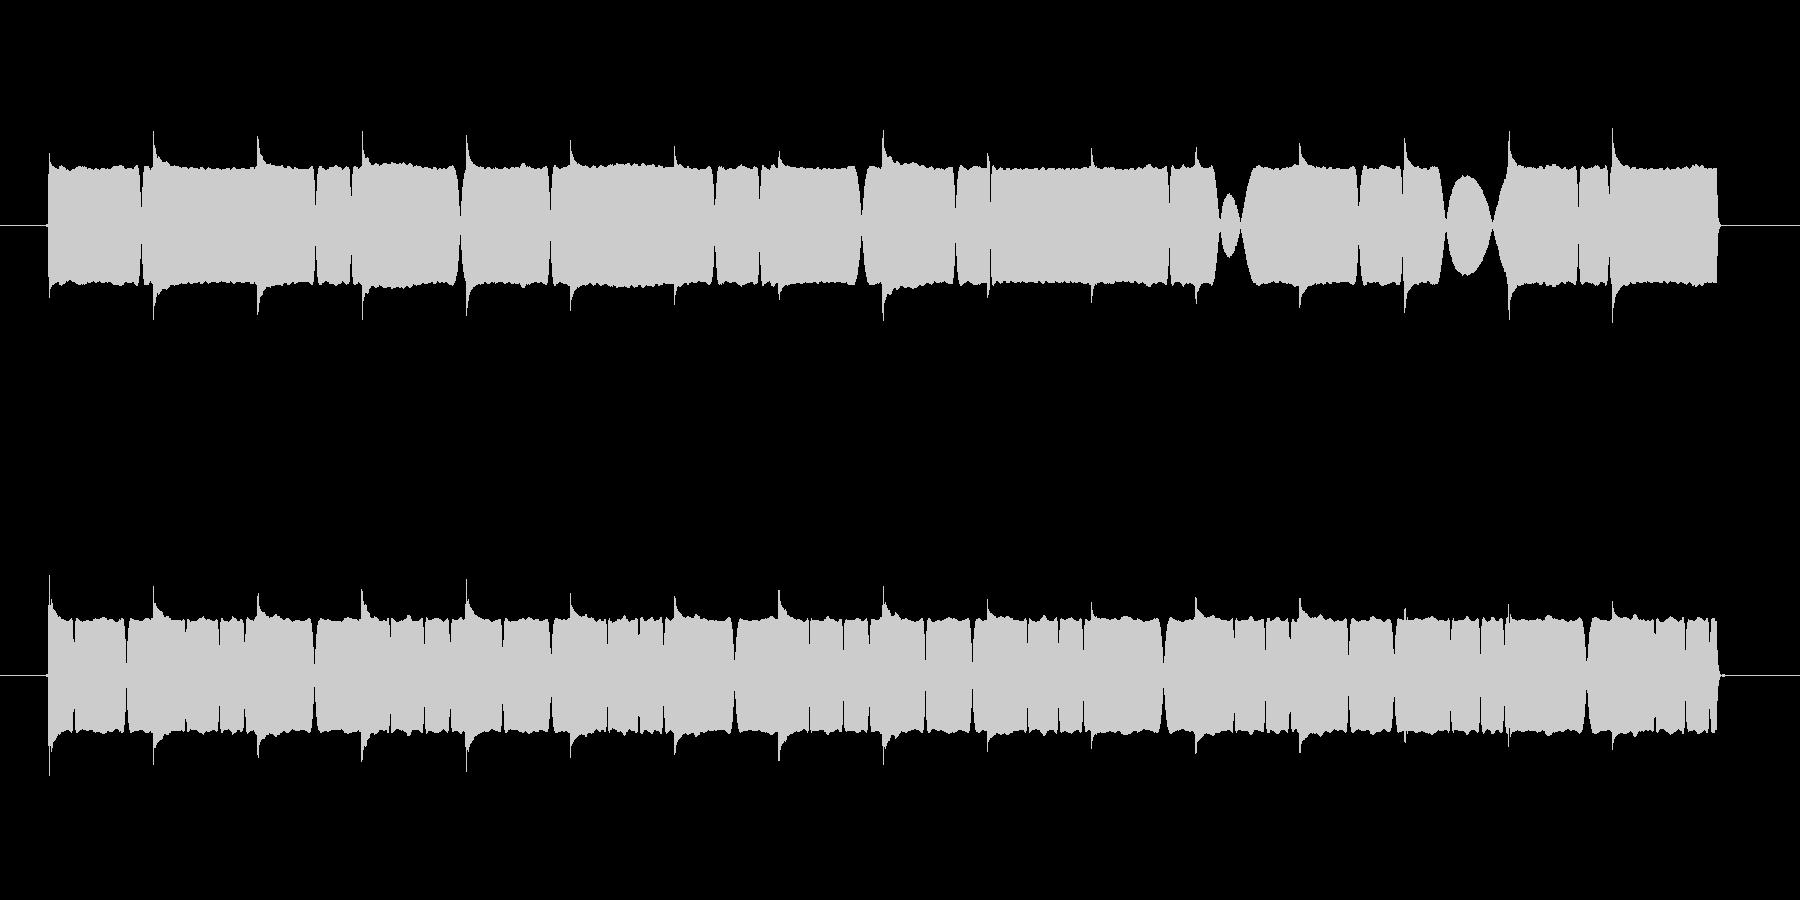 電子音系サイレンの未再生の波形